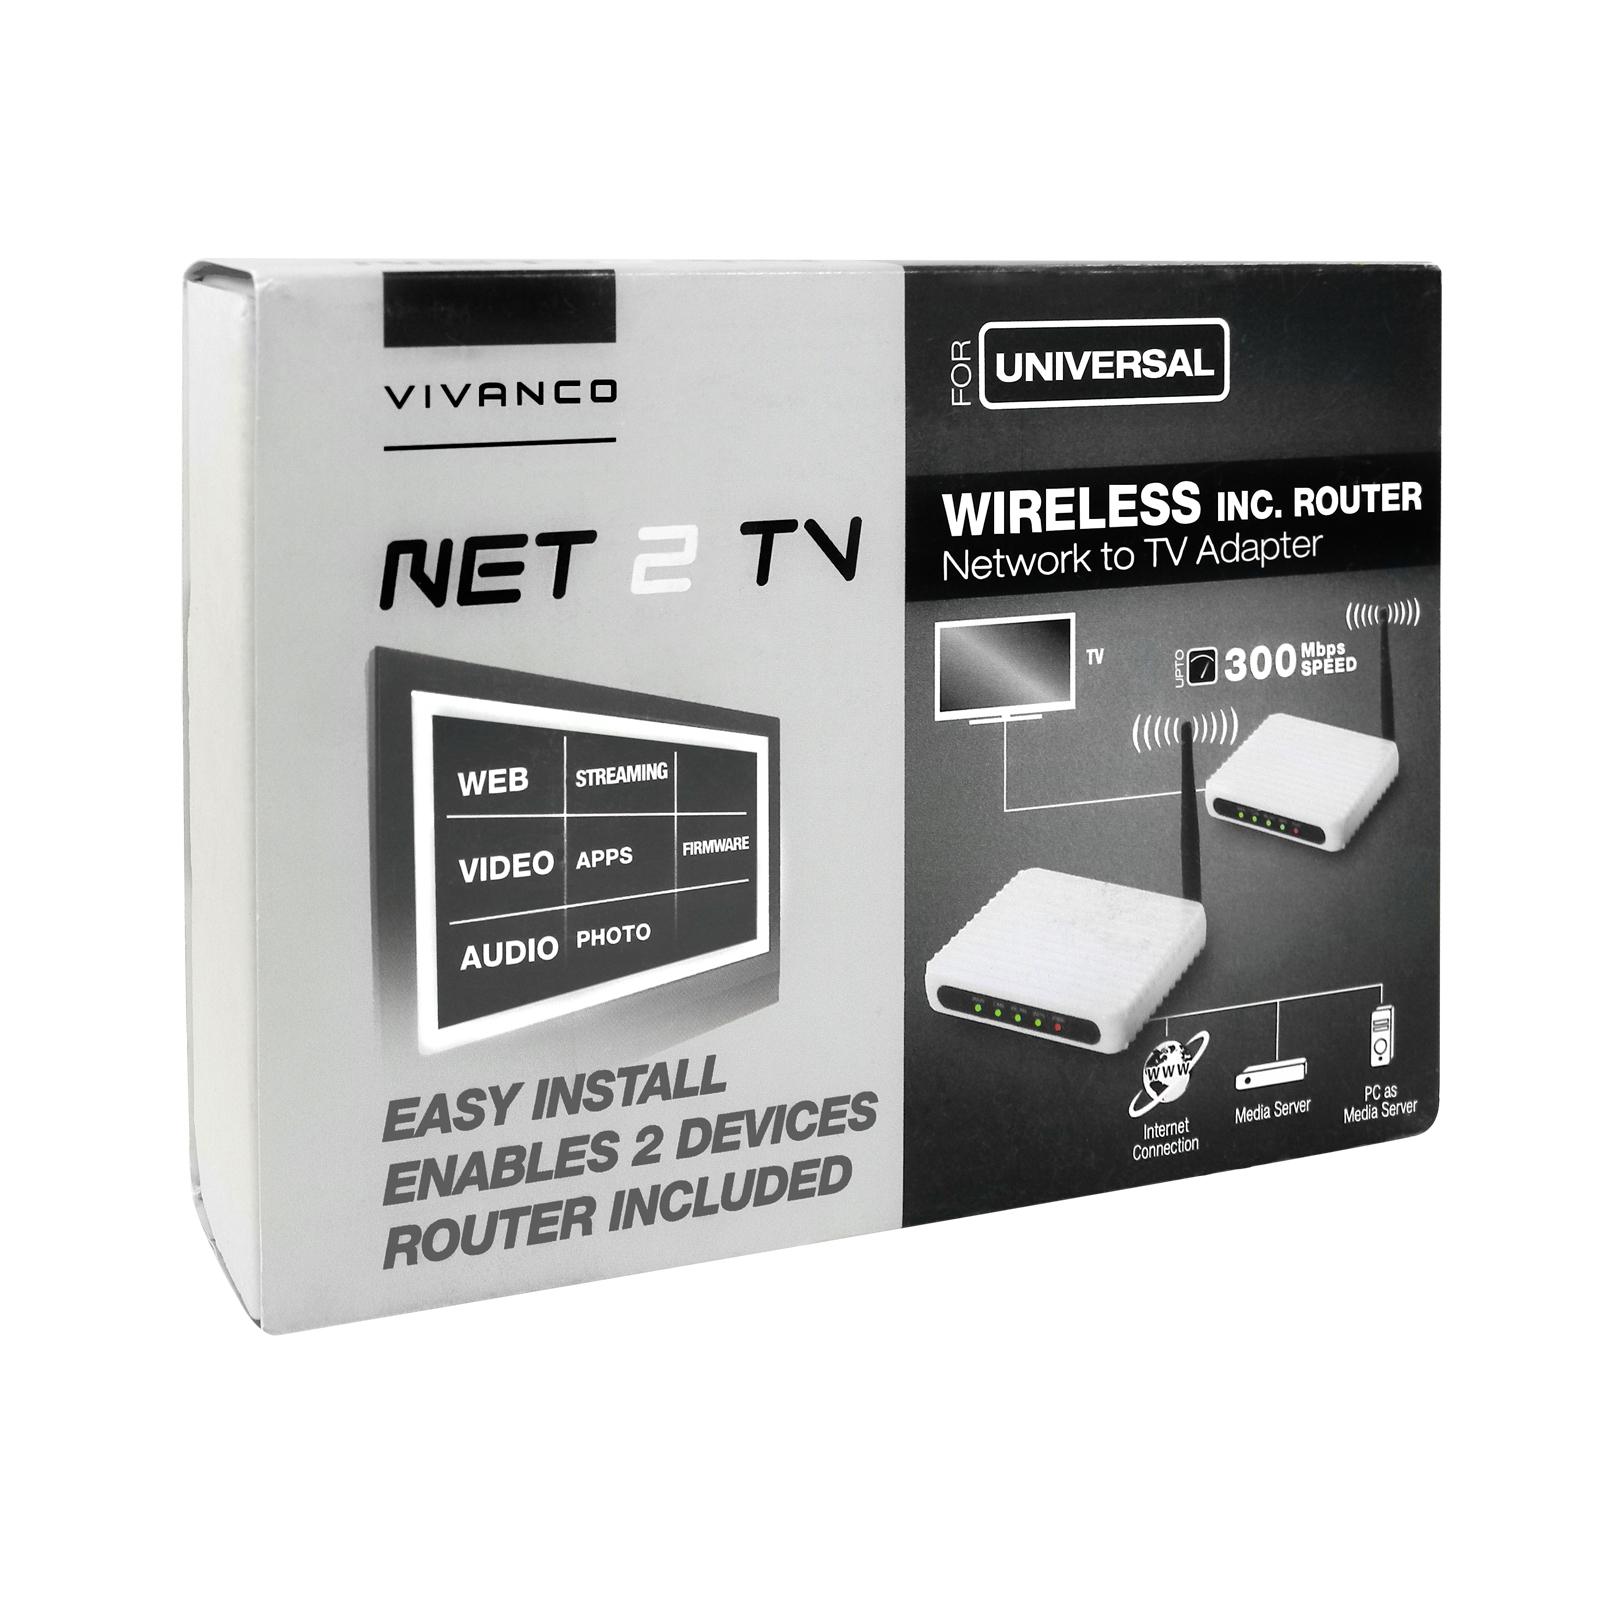 tv zu netzwerk adapter universal set netzwerkadapter n router bazoo trade4less. Black Bedroom Furniture Sets. Home Design Ideas